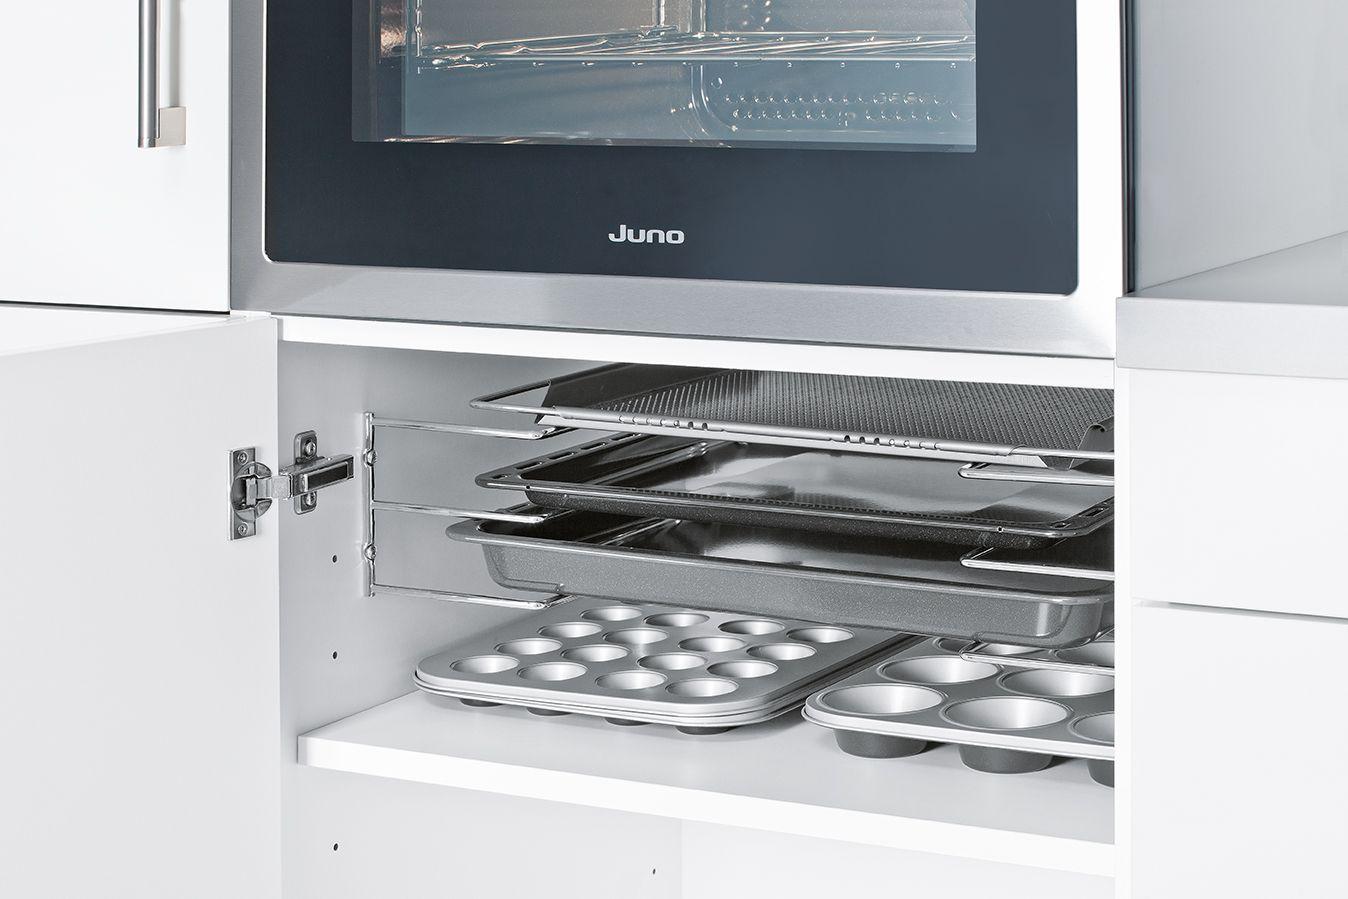 Kitchen Storage Ideas Schuller Baking Tray Holder Best Way To Store Baking Trays Under Oven Emulate The Kitchen Storage Solutions Kitchen Storage Kitchen